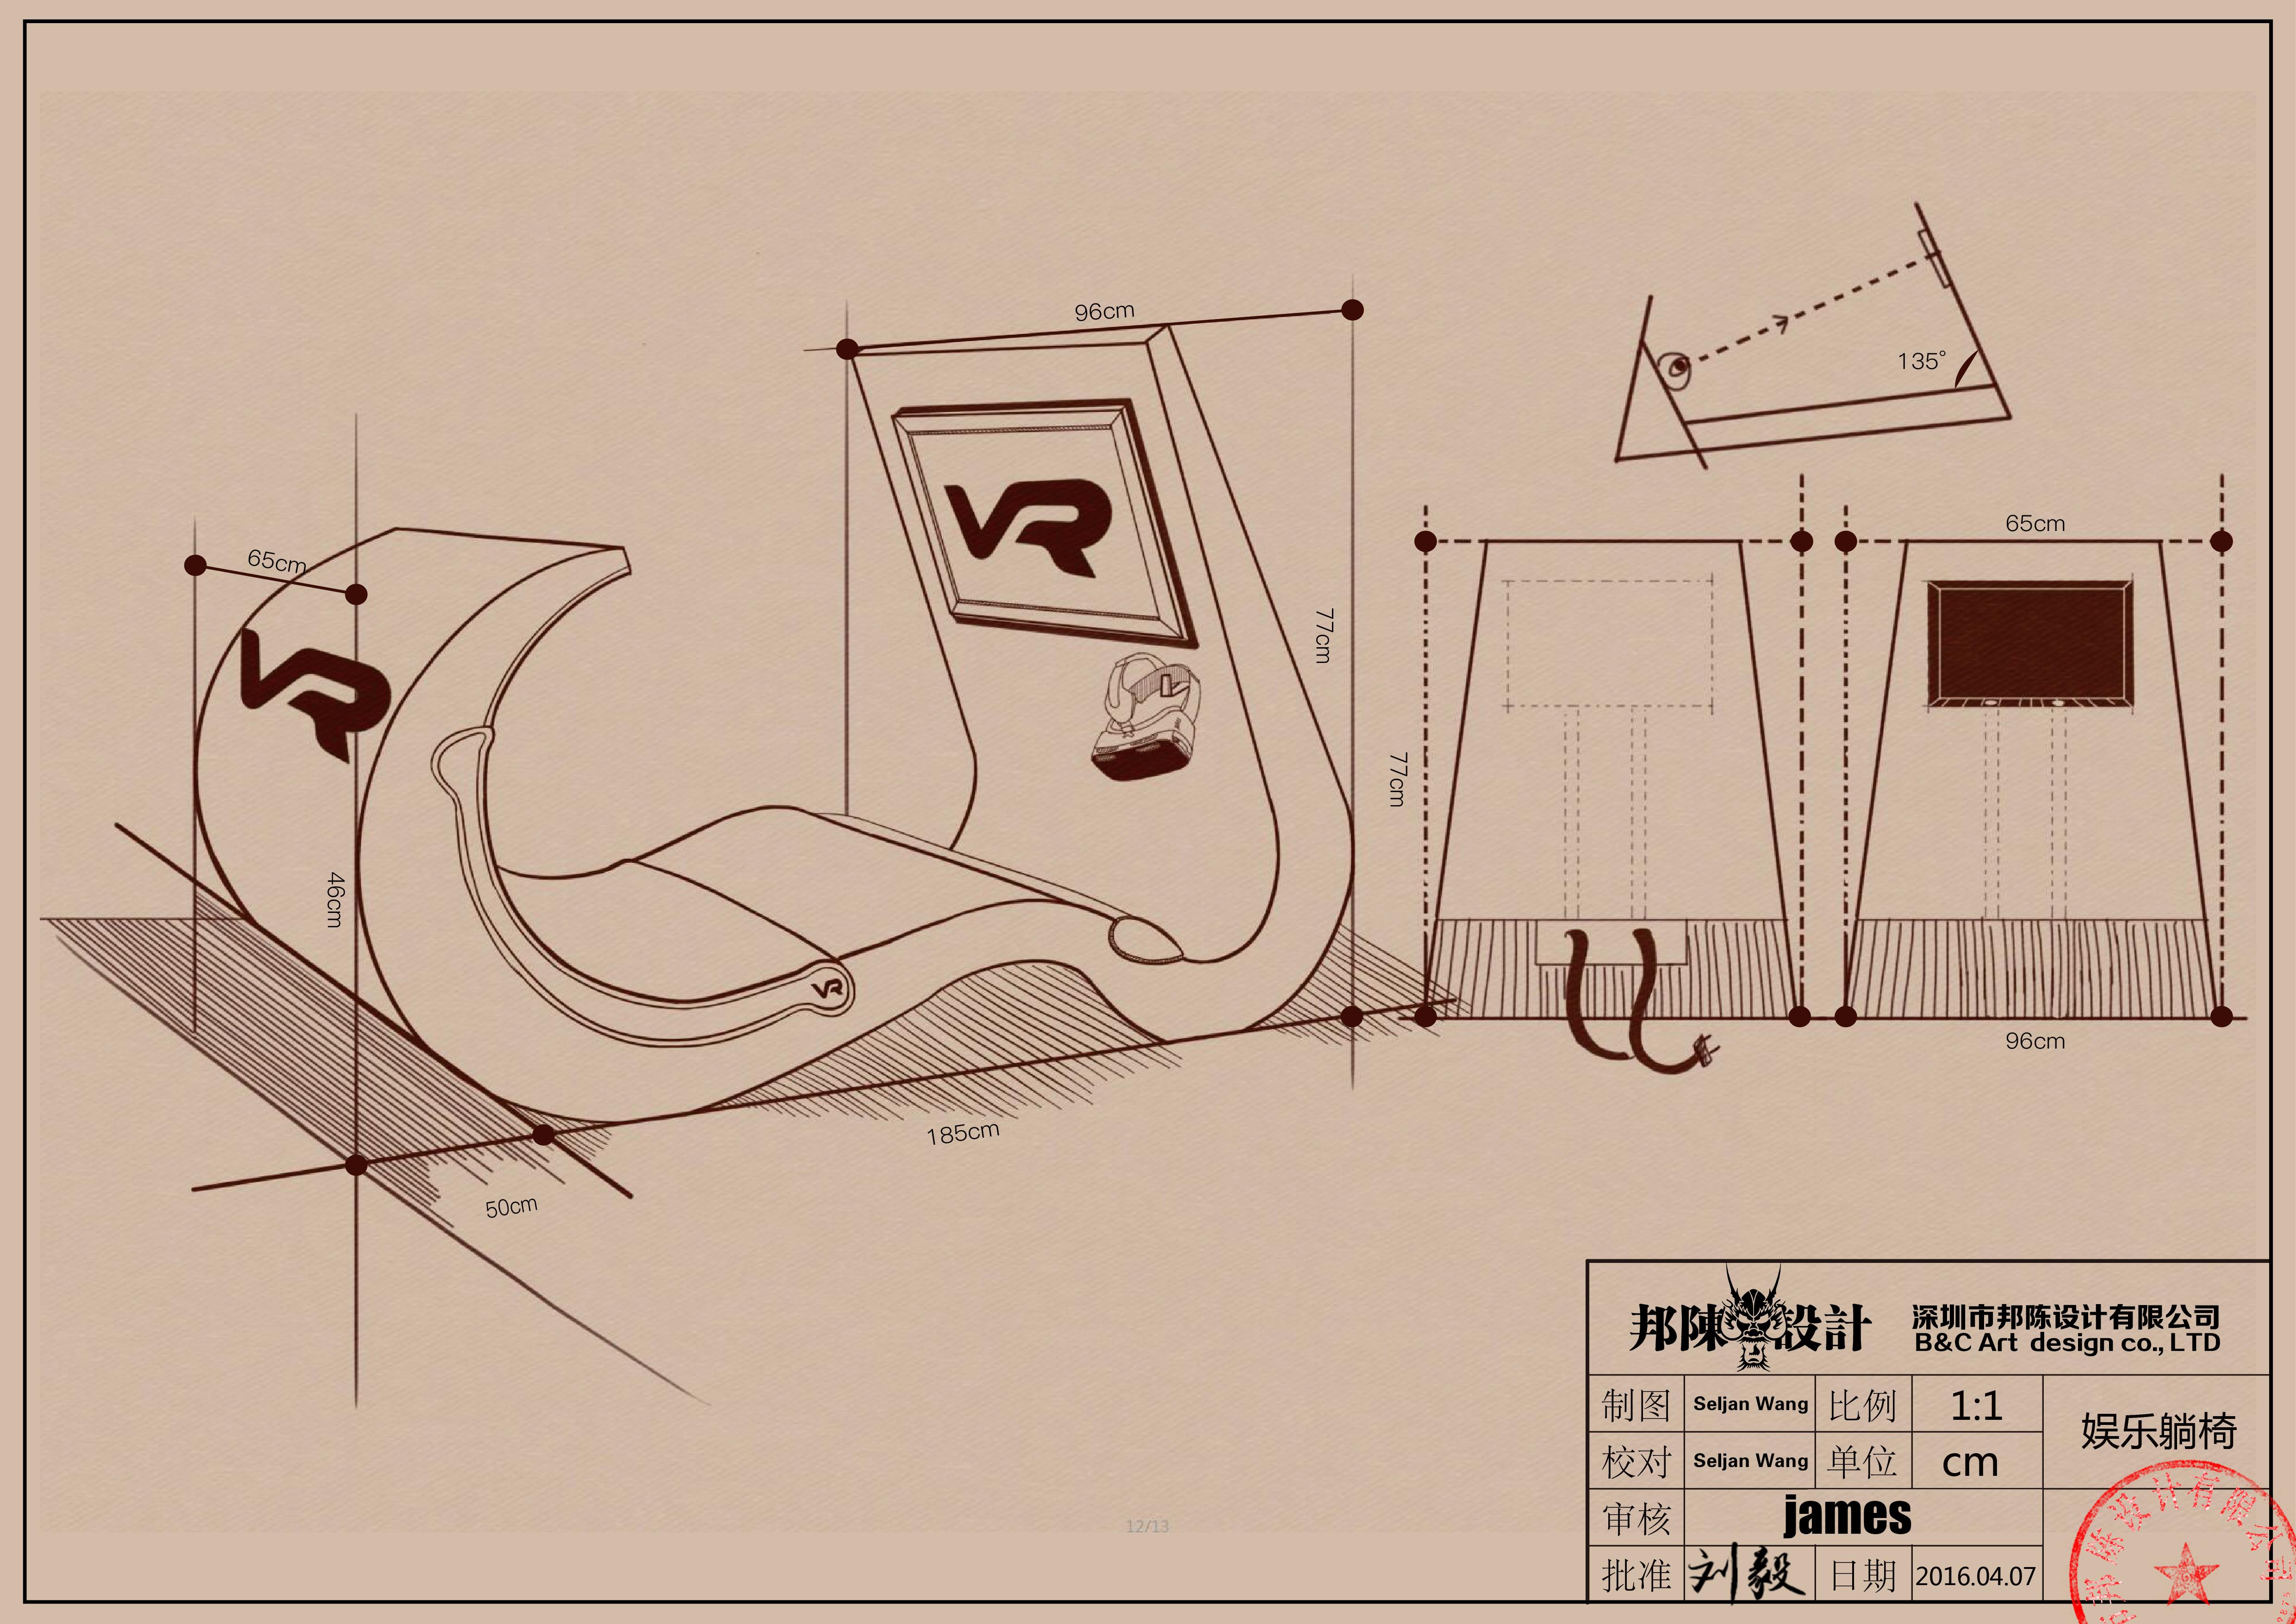 娱乐躺椅制图尺寸标注